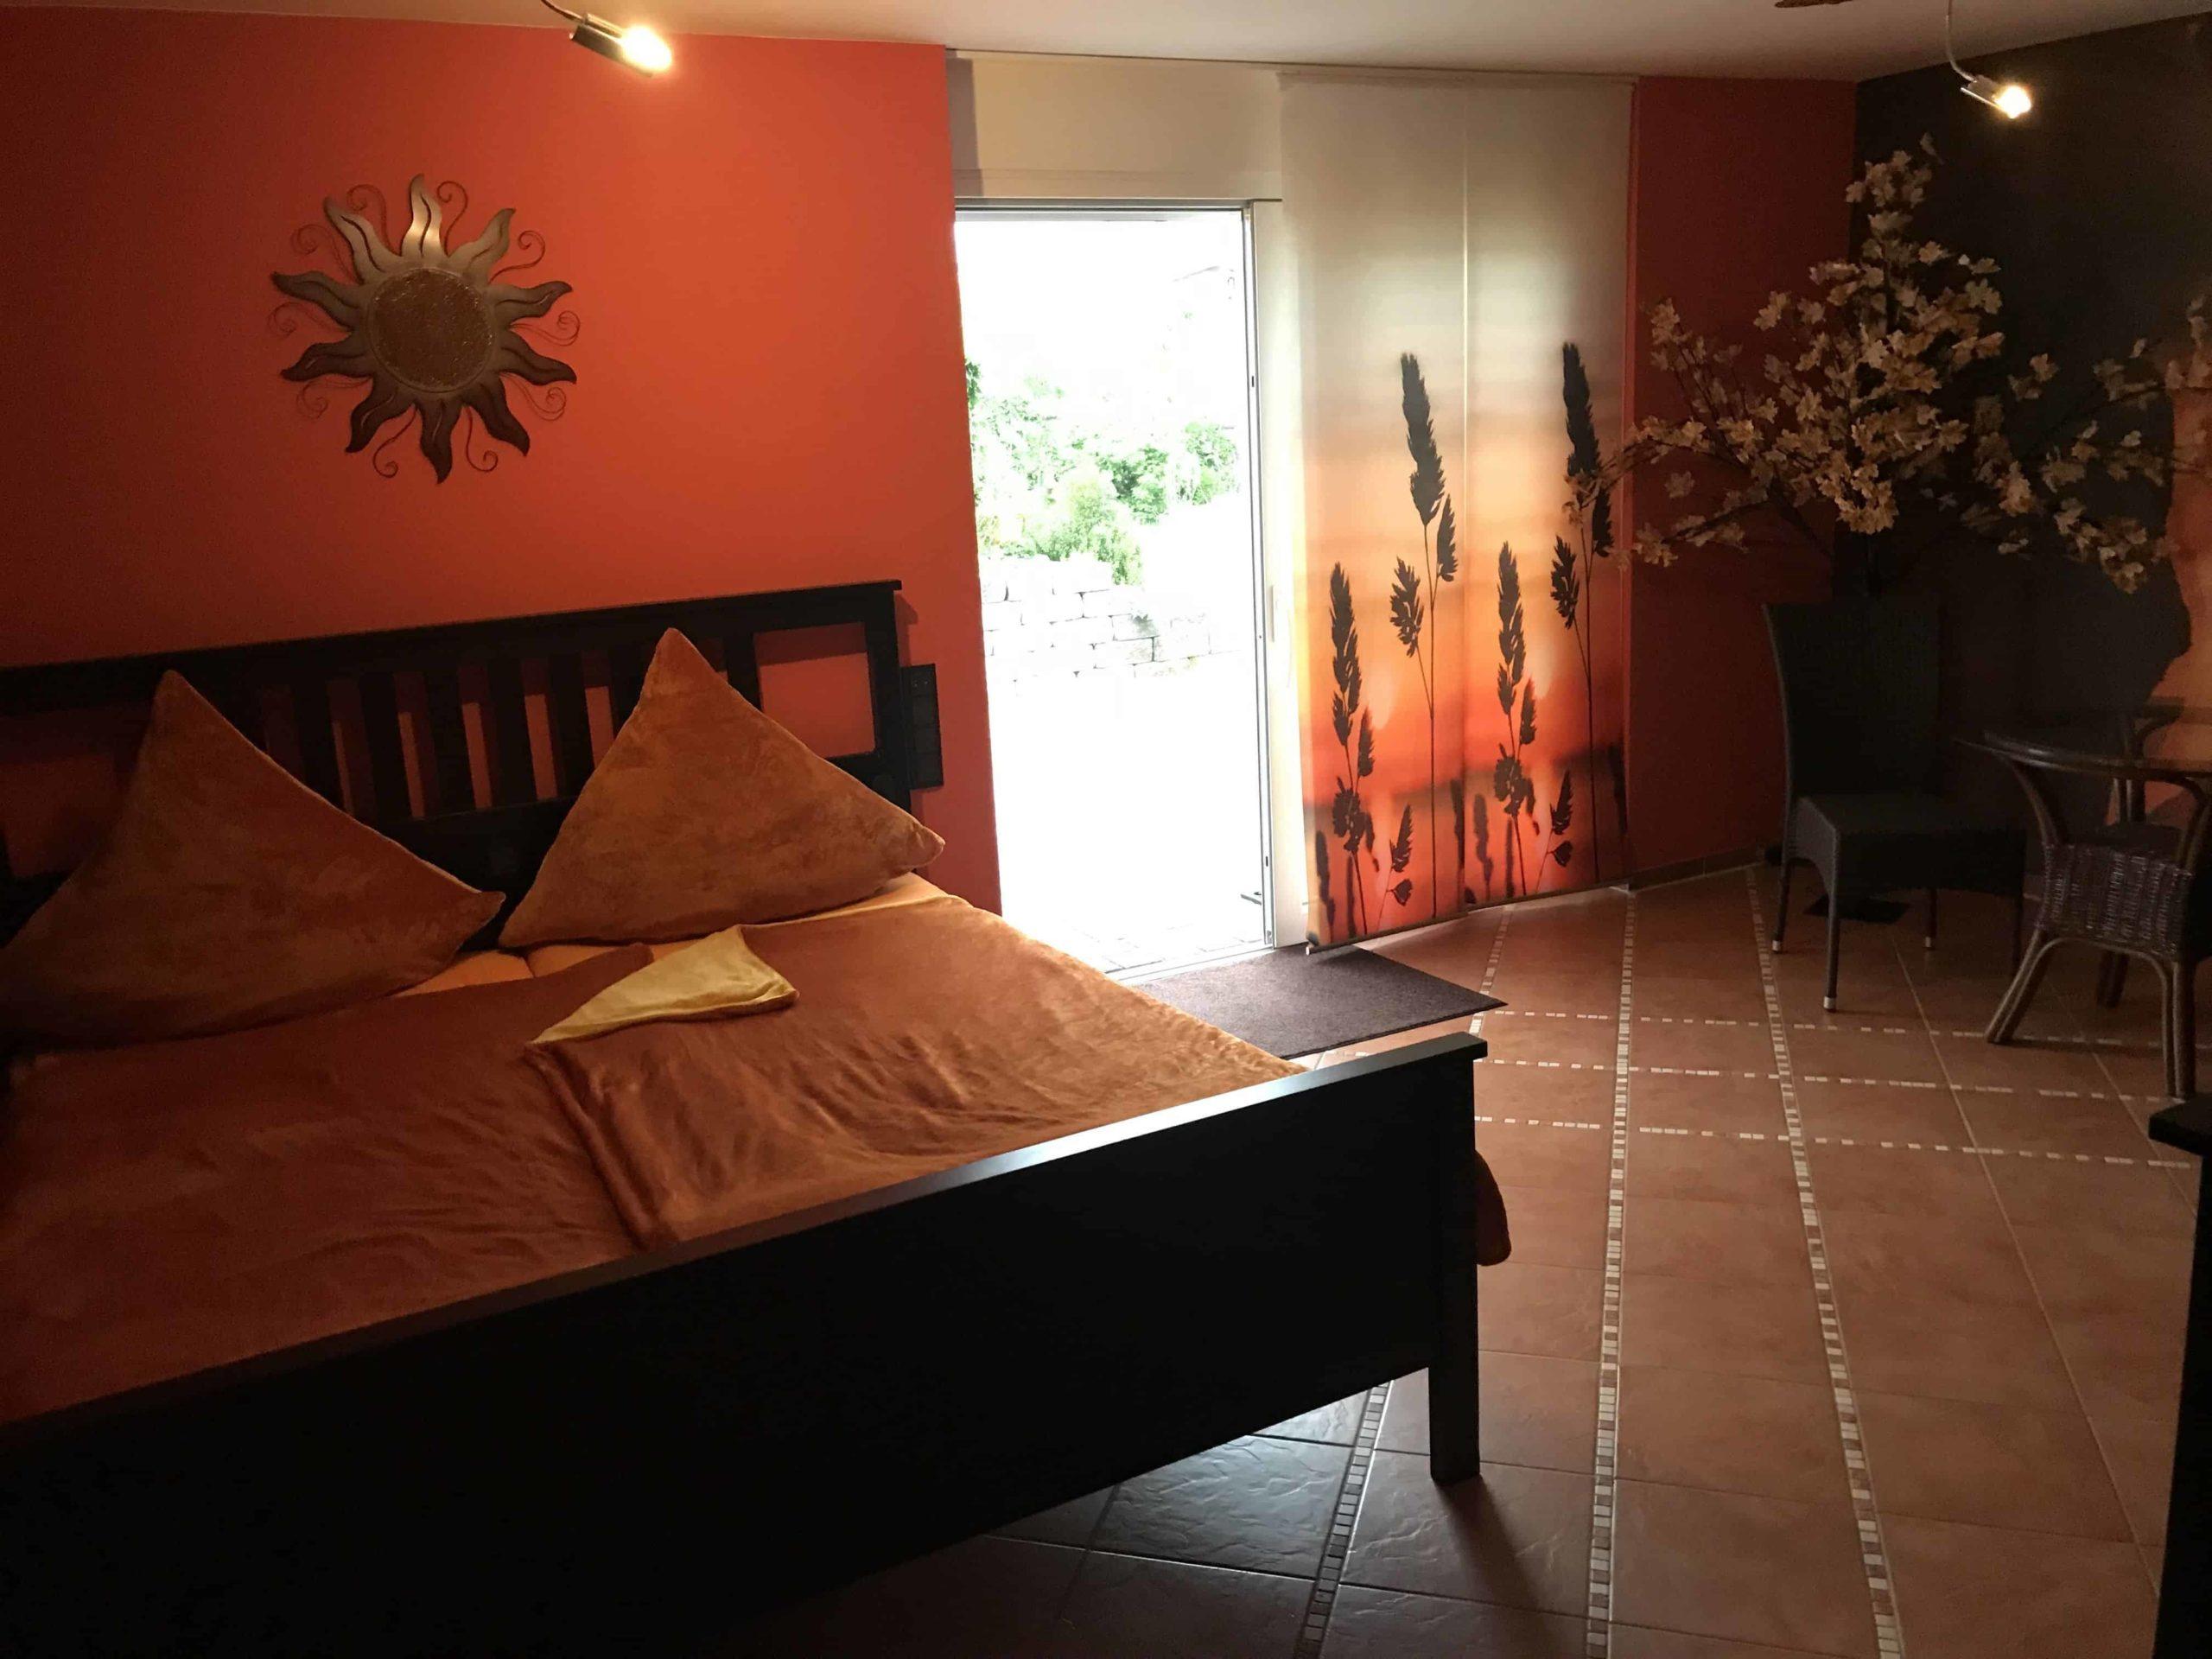 Cama y terraza de la habitación de tonos rojos